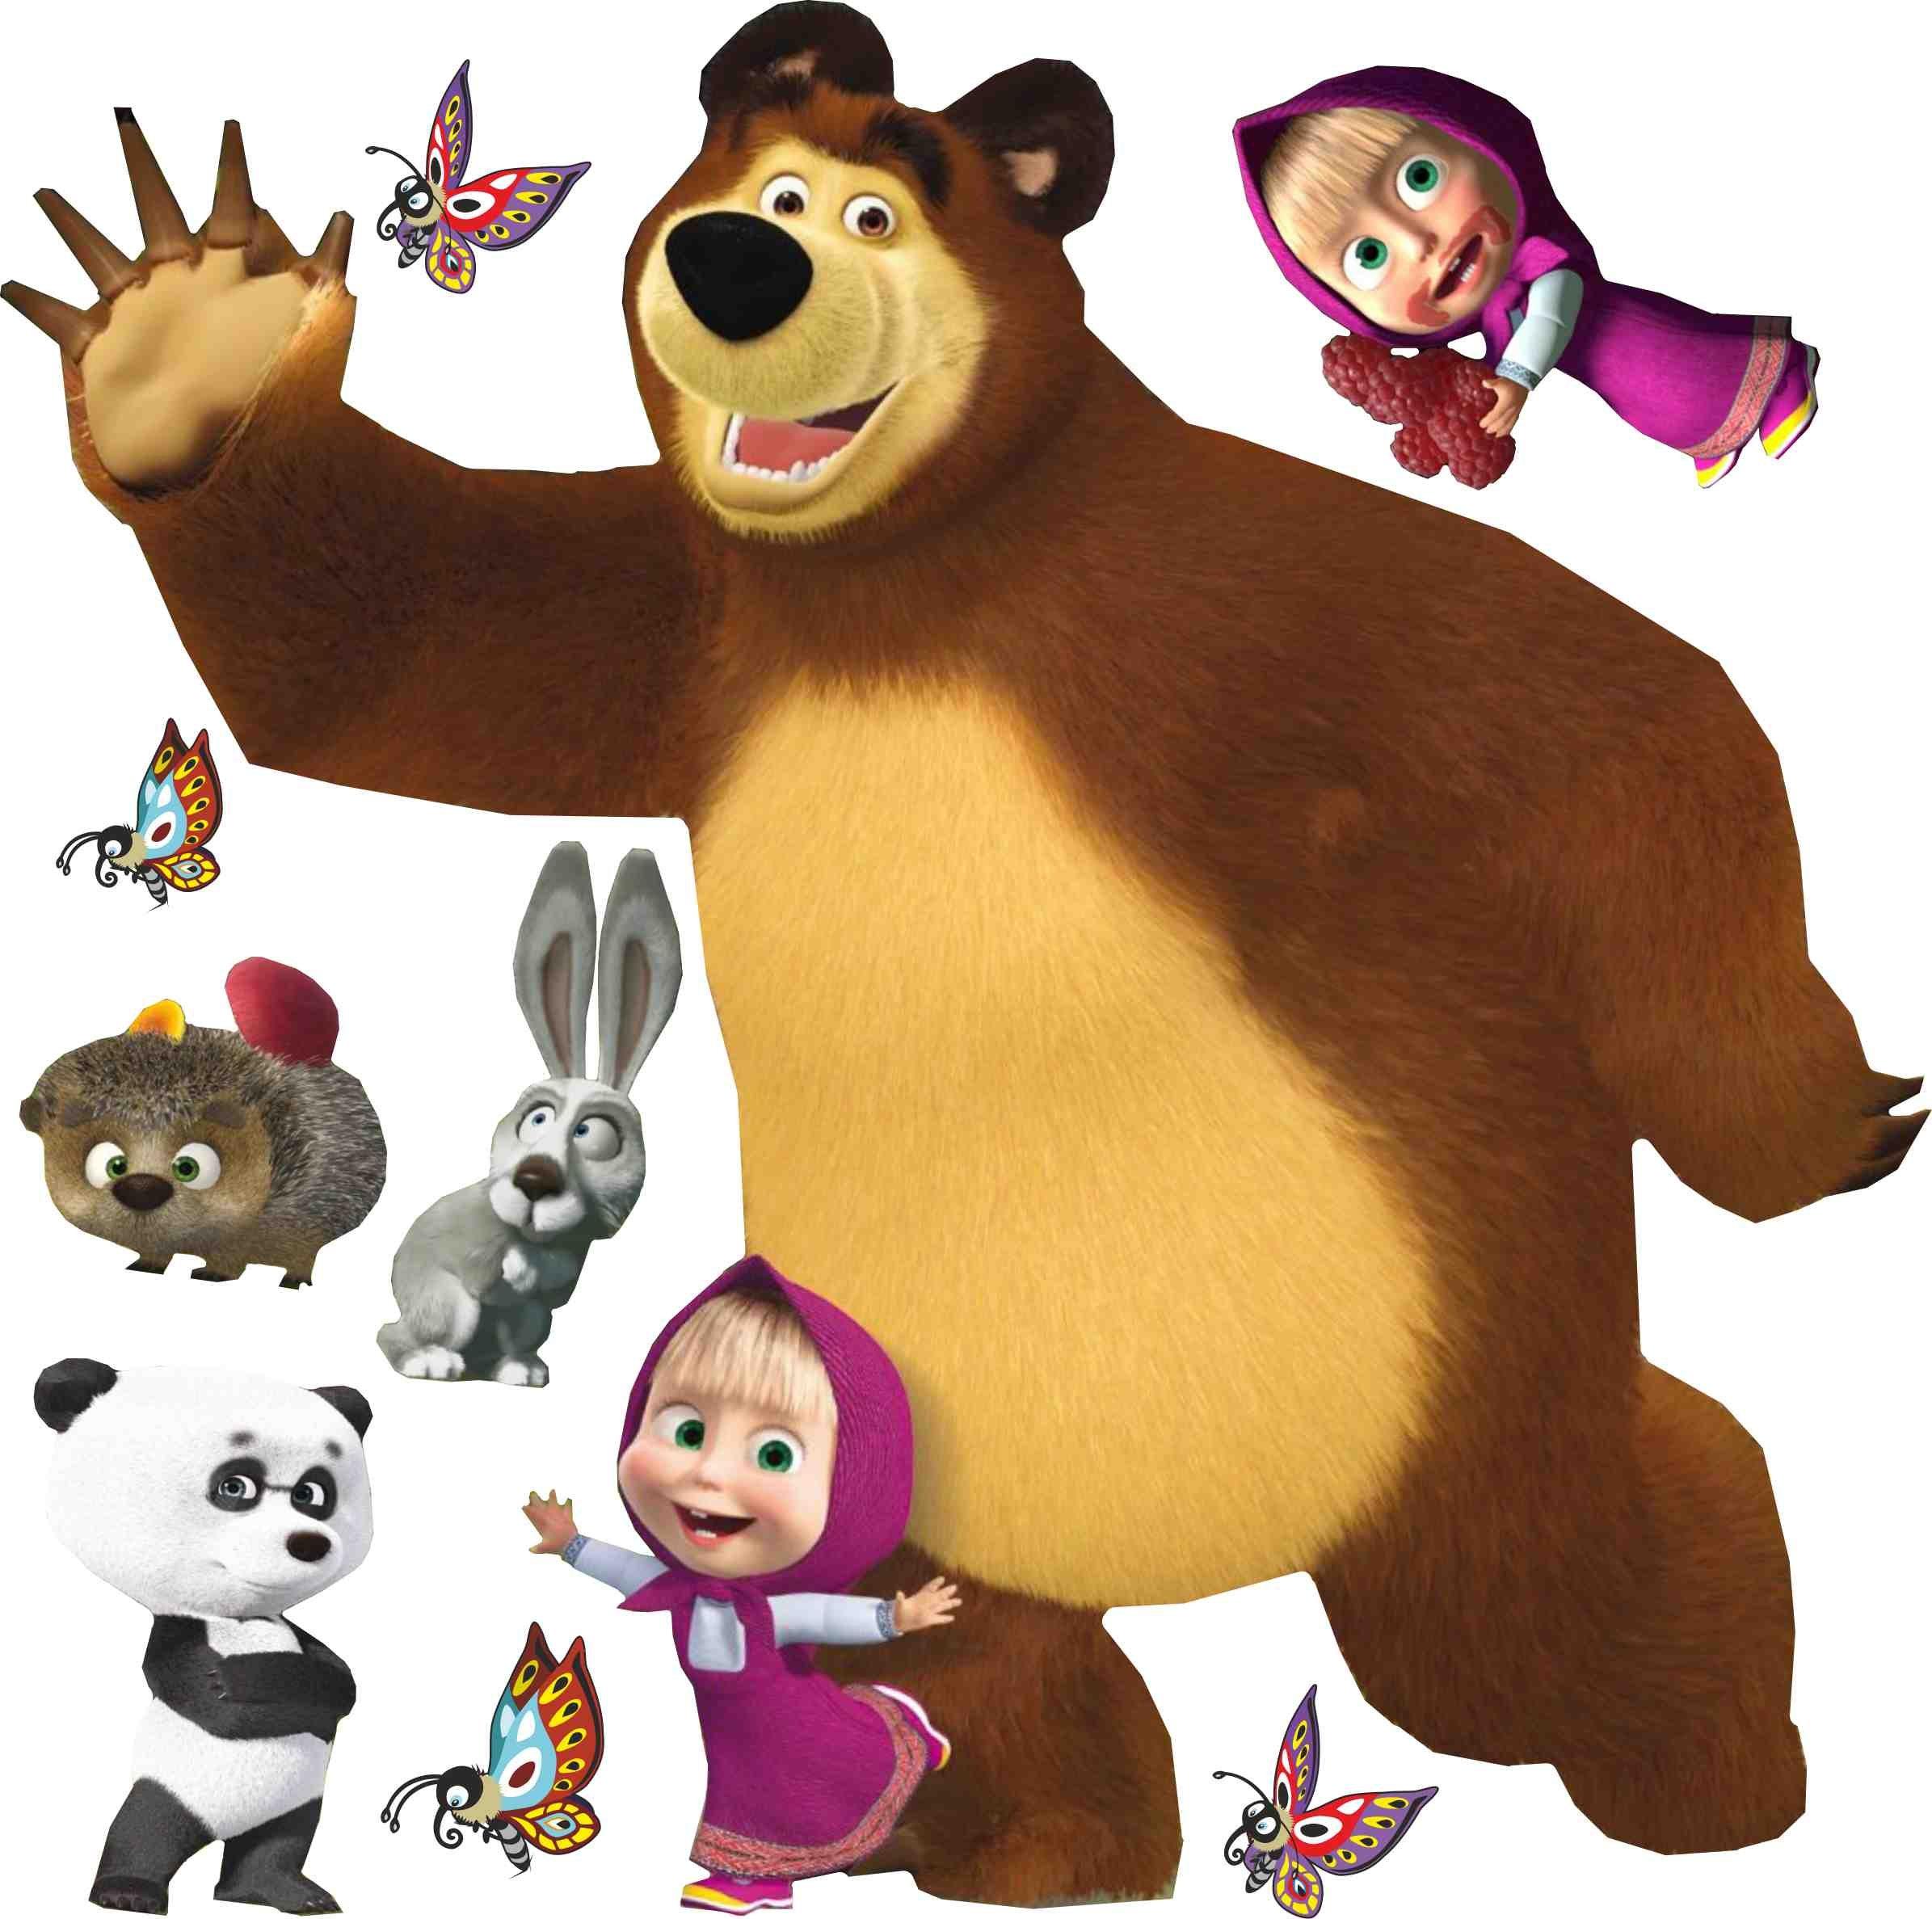 маша и медведь картинки на прозрачном фоне метельчатый